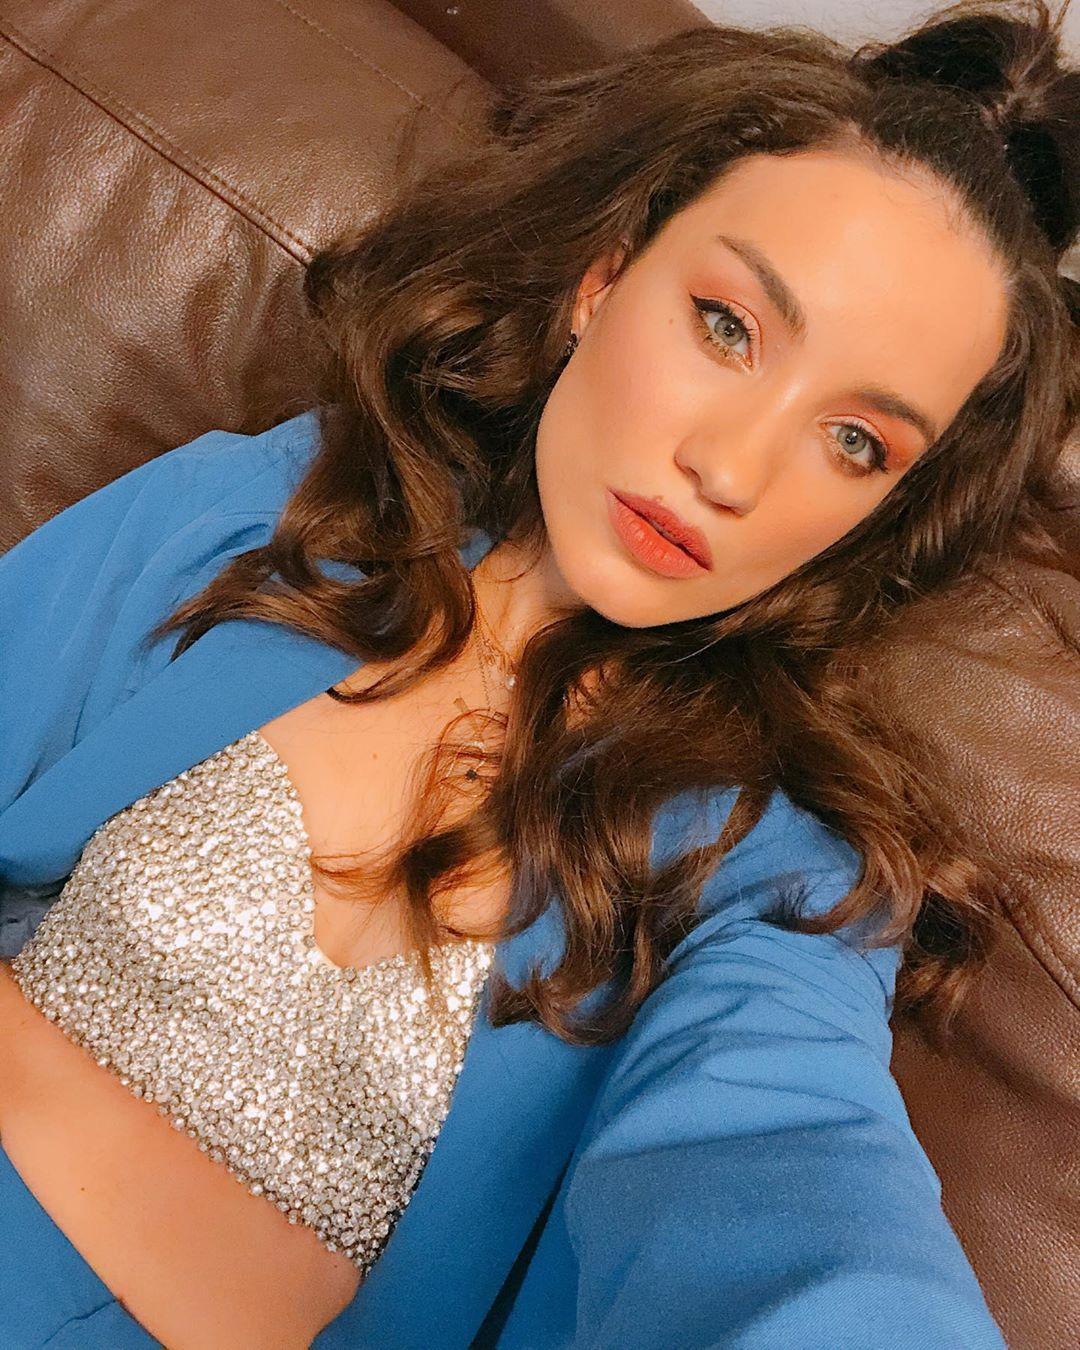 Смелая и прекрасная: Вика Дайнеко поделилась фото без фильтров и макияжа